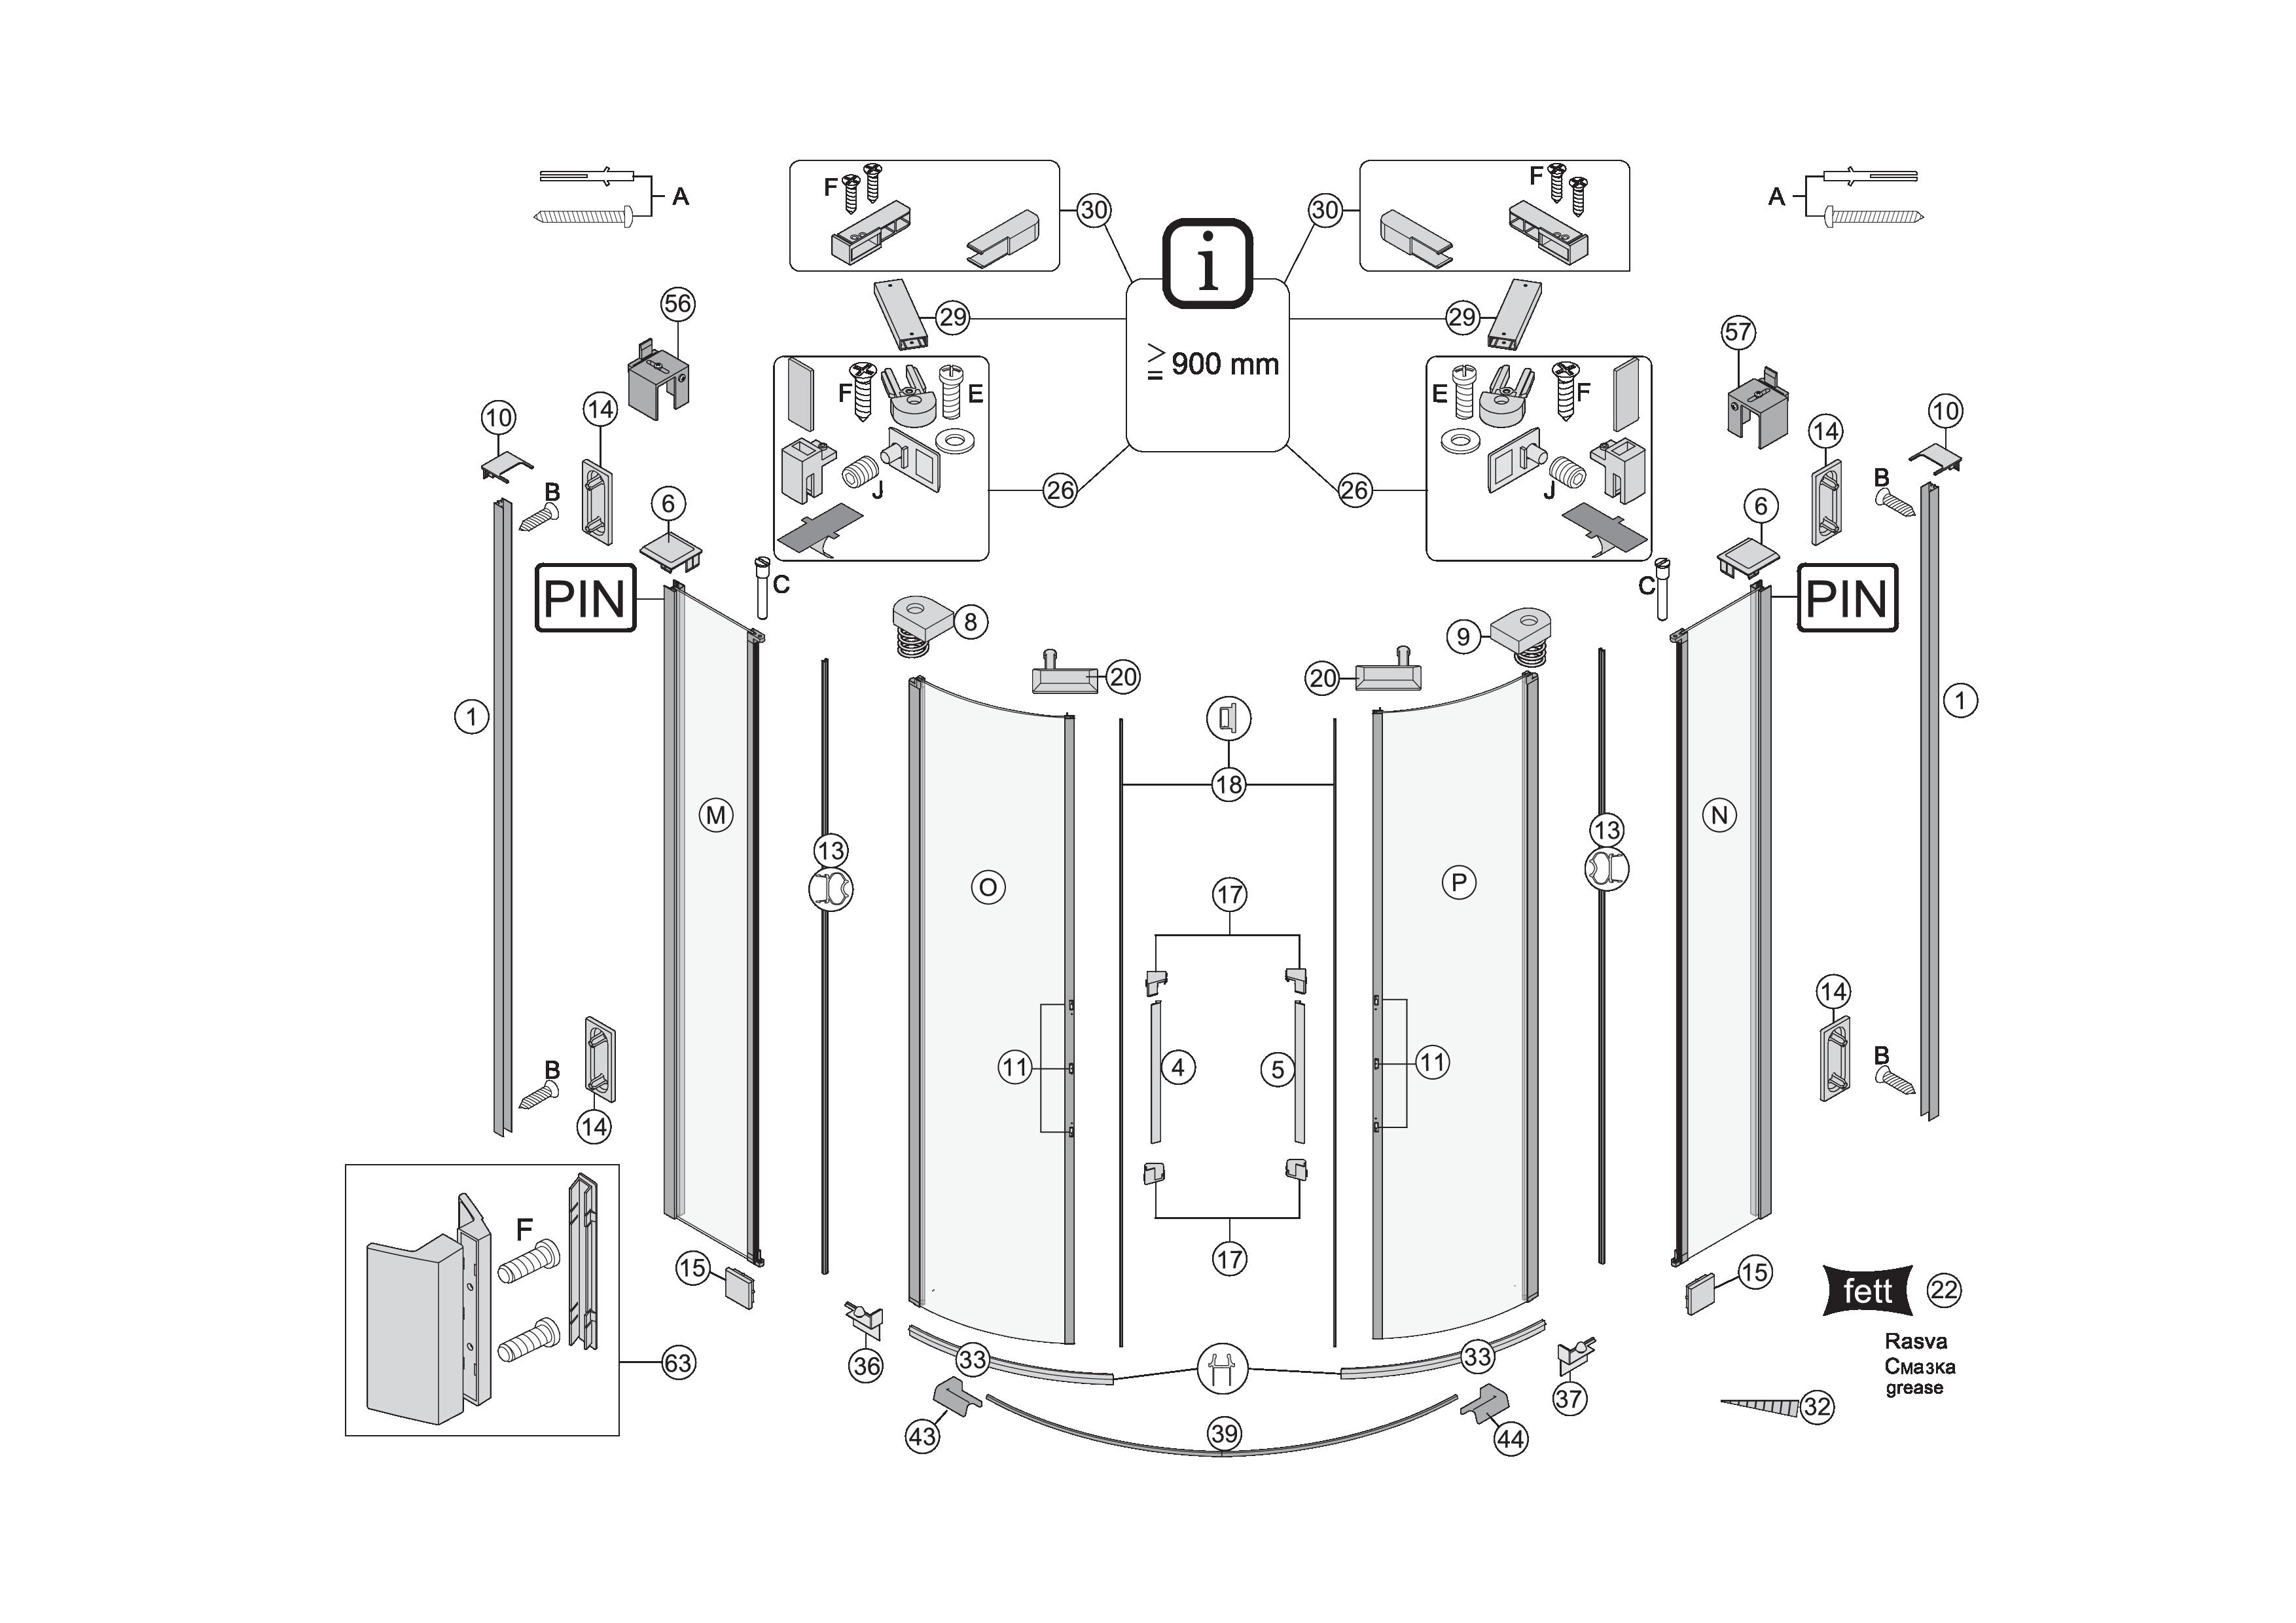 ersatzteile f r s400 viertelkreisdusche mit pendelt ren bekon koralle ag. Black Bedroom Furniture Sets. Home Design Ideas